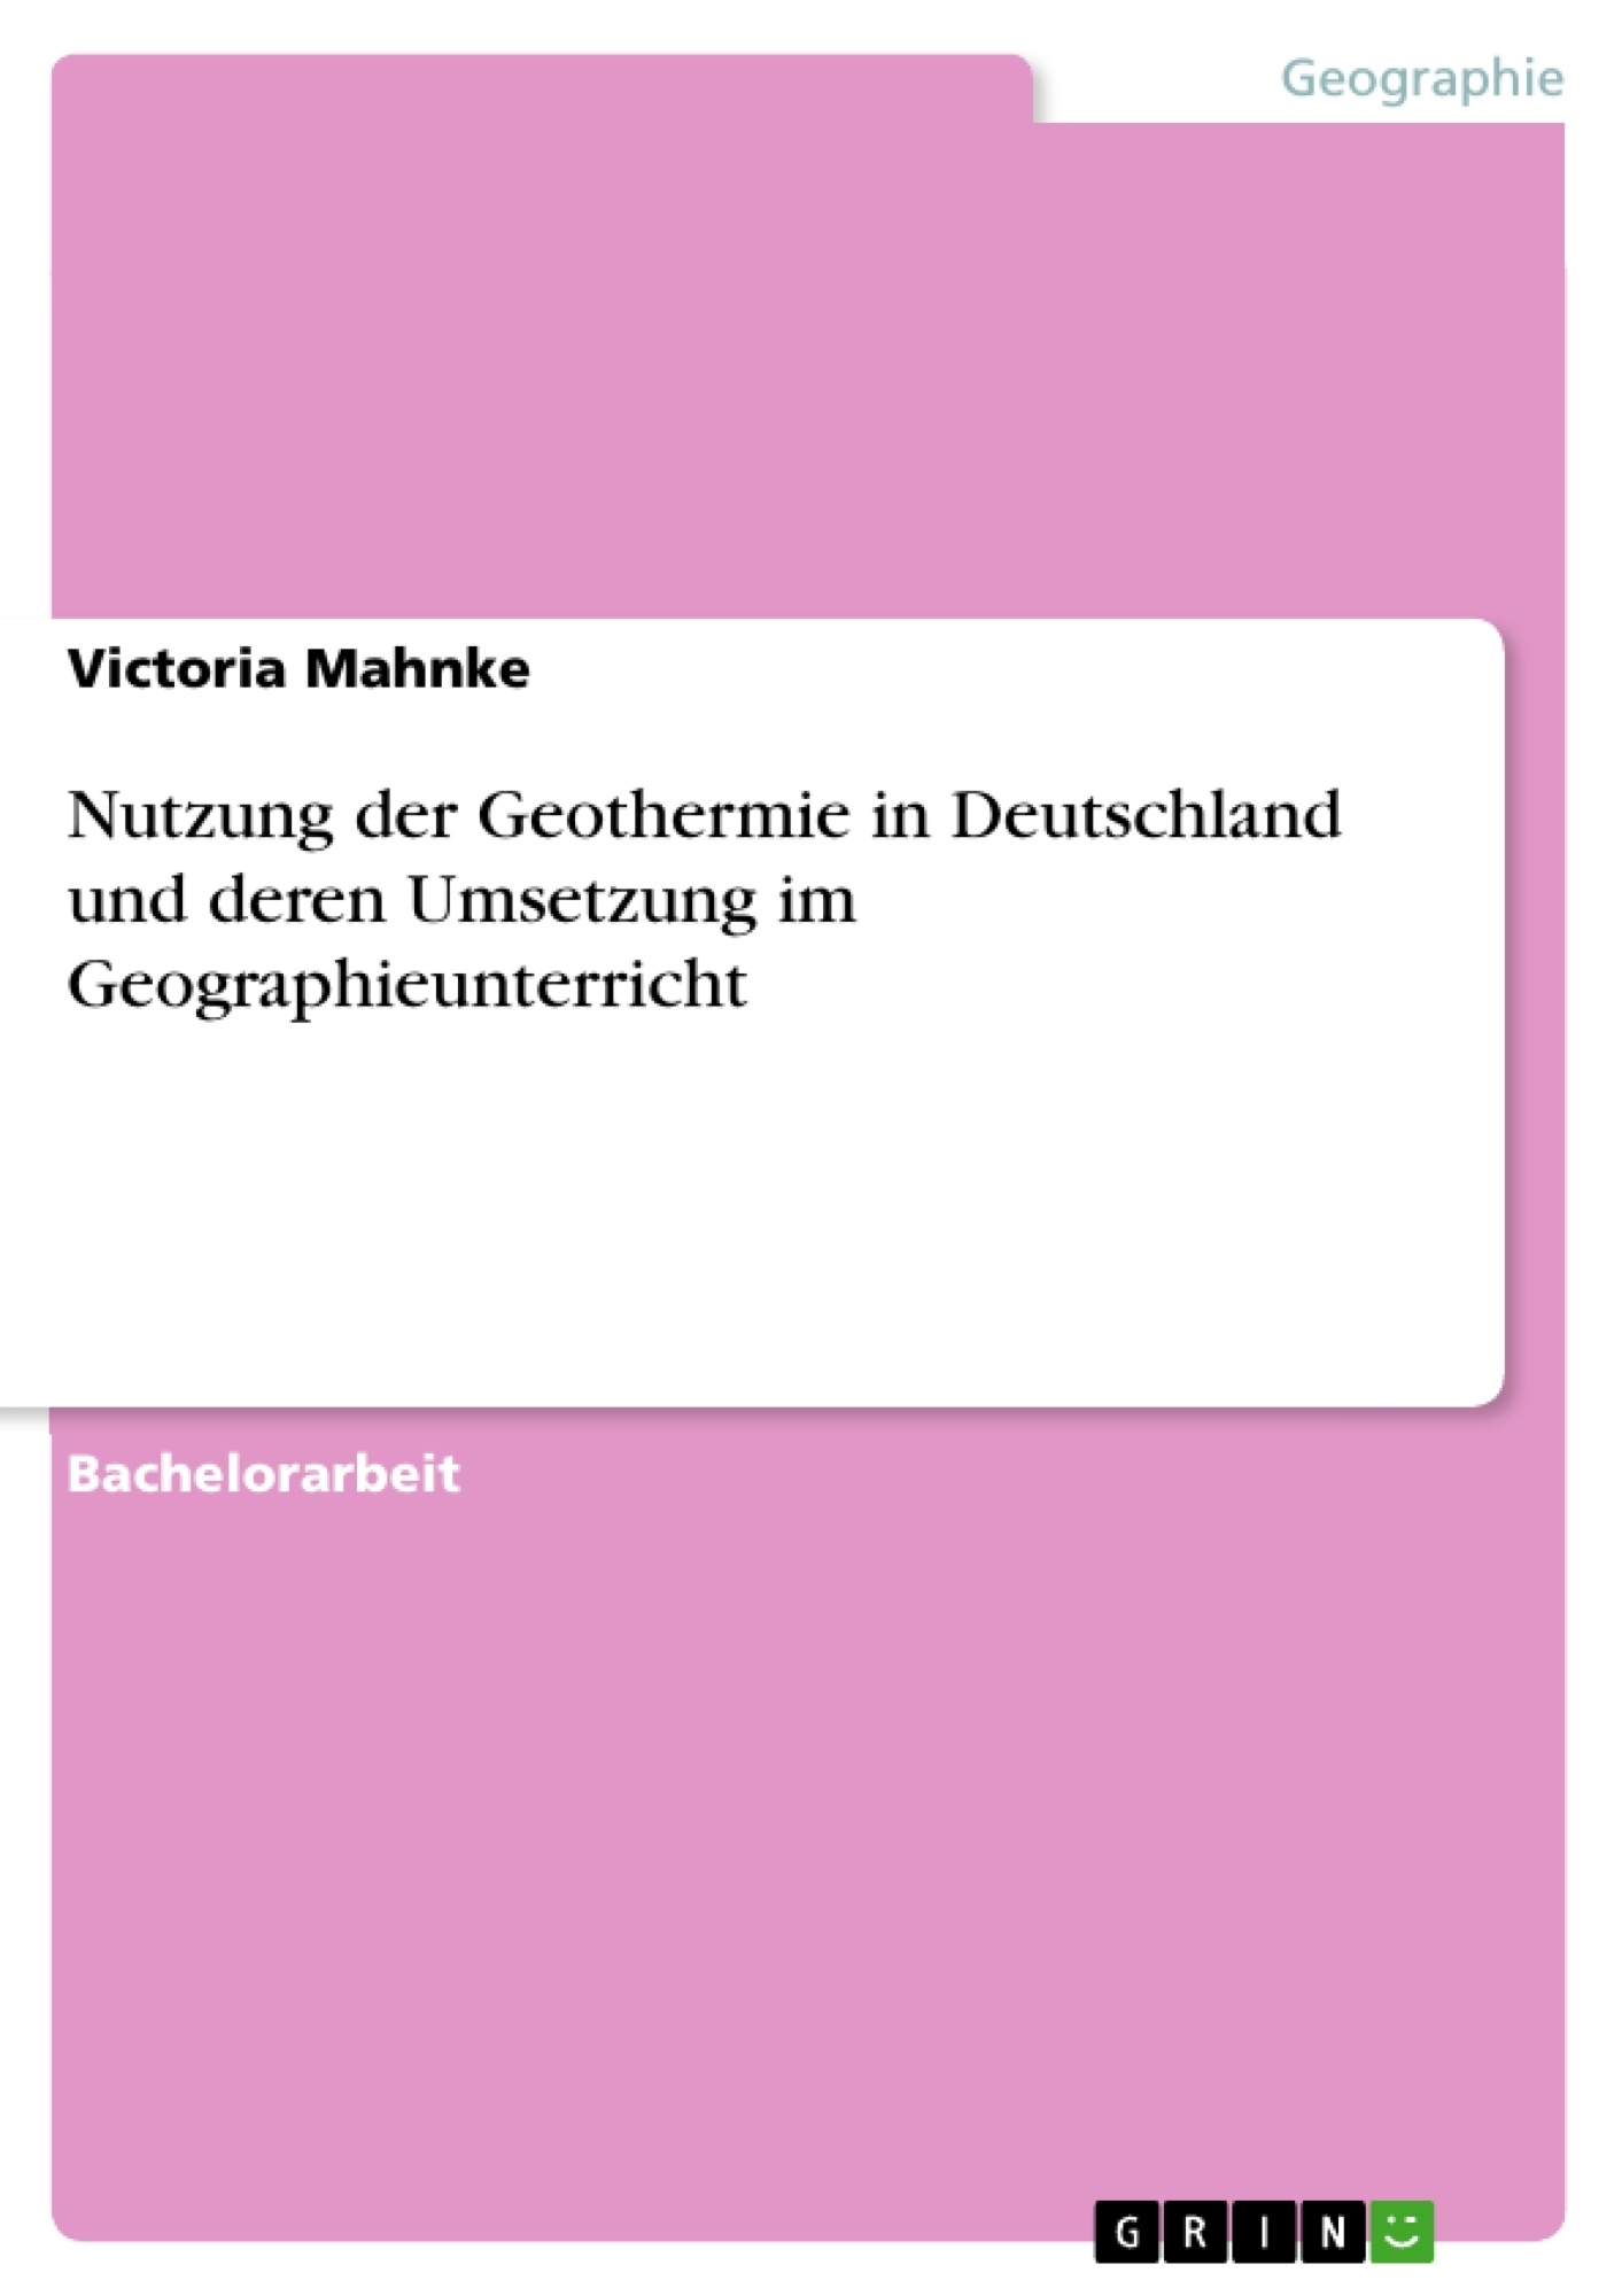 Titel: Nutzung der Geothermie in Deutschland und deren Umsetzung im Geographieunterricht